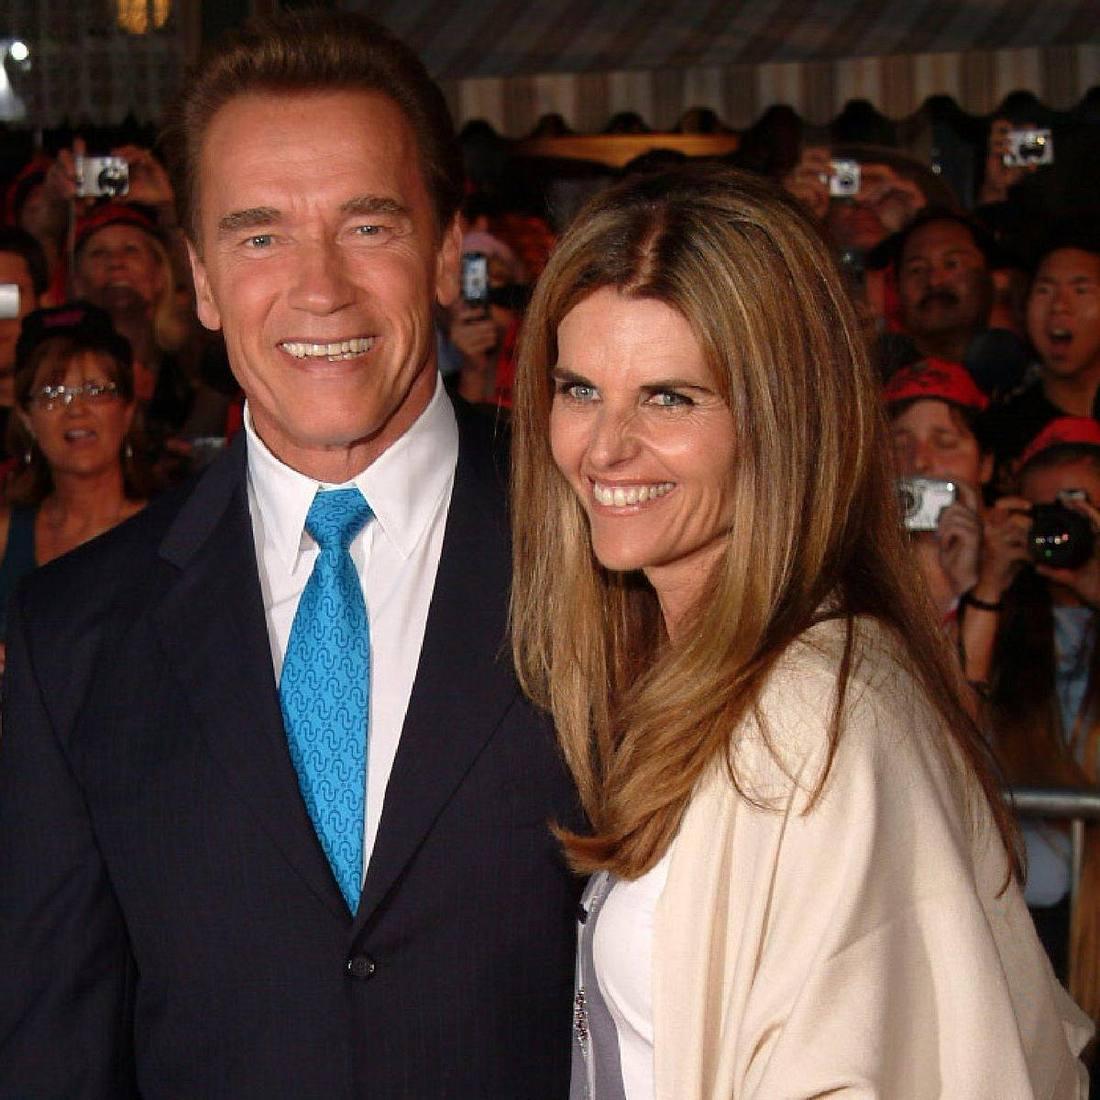 Ehe-Aus: Arnold Schwarzenegger und seine Frau Maria Shriver trennen sich nach 25 Jahren